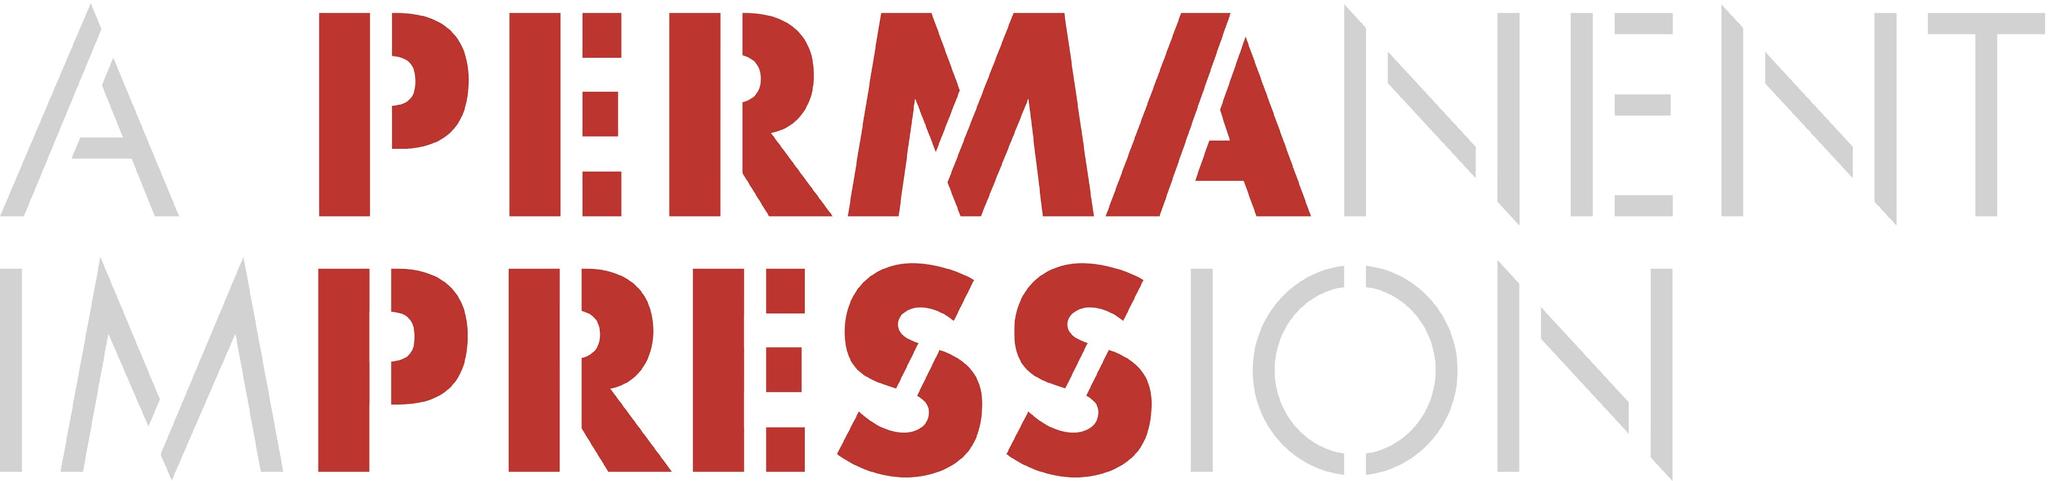 Perma Press AB